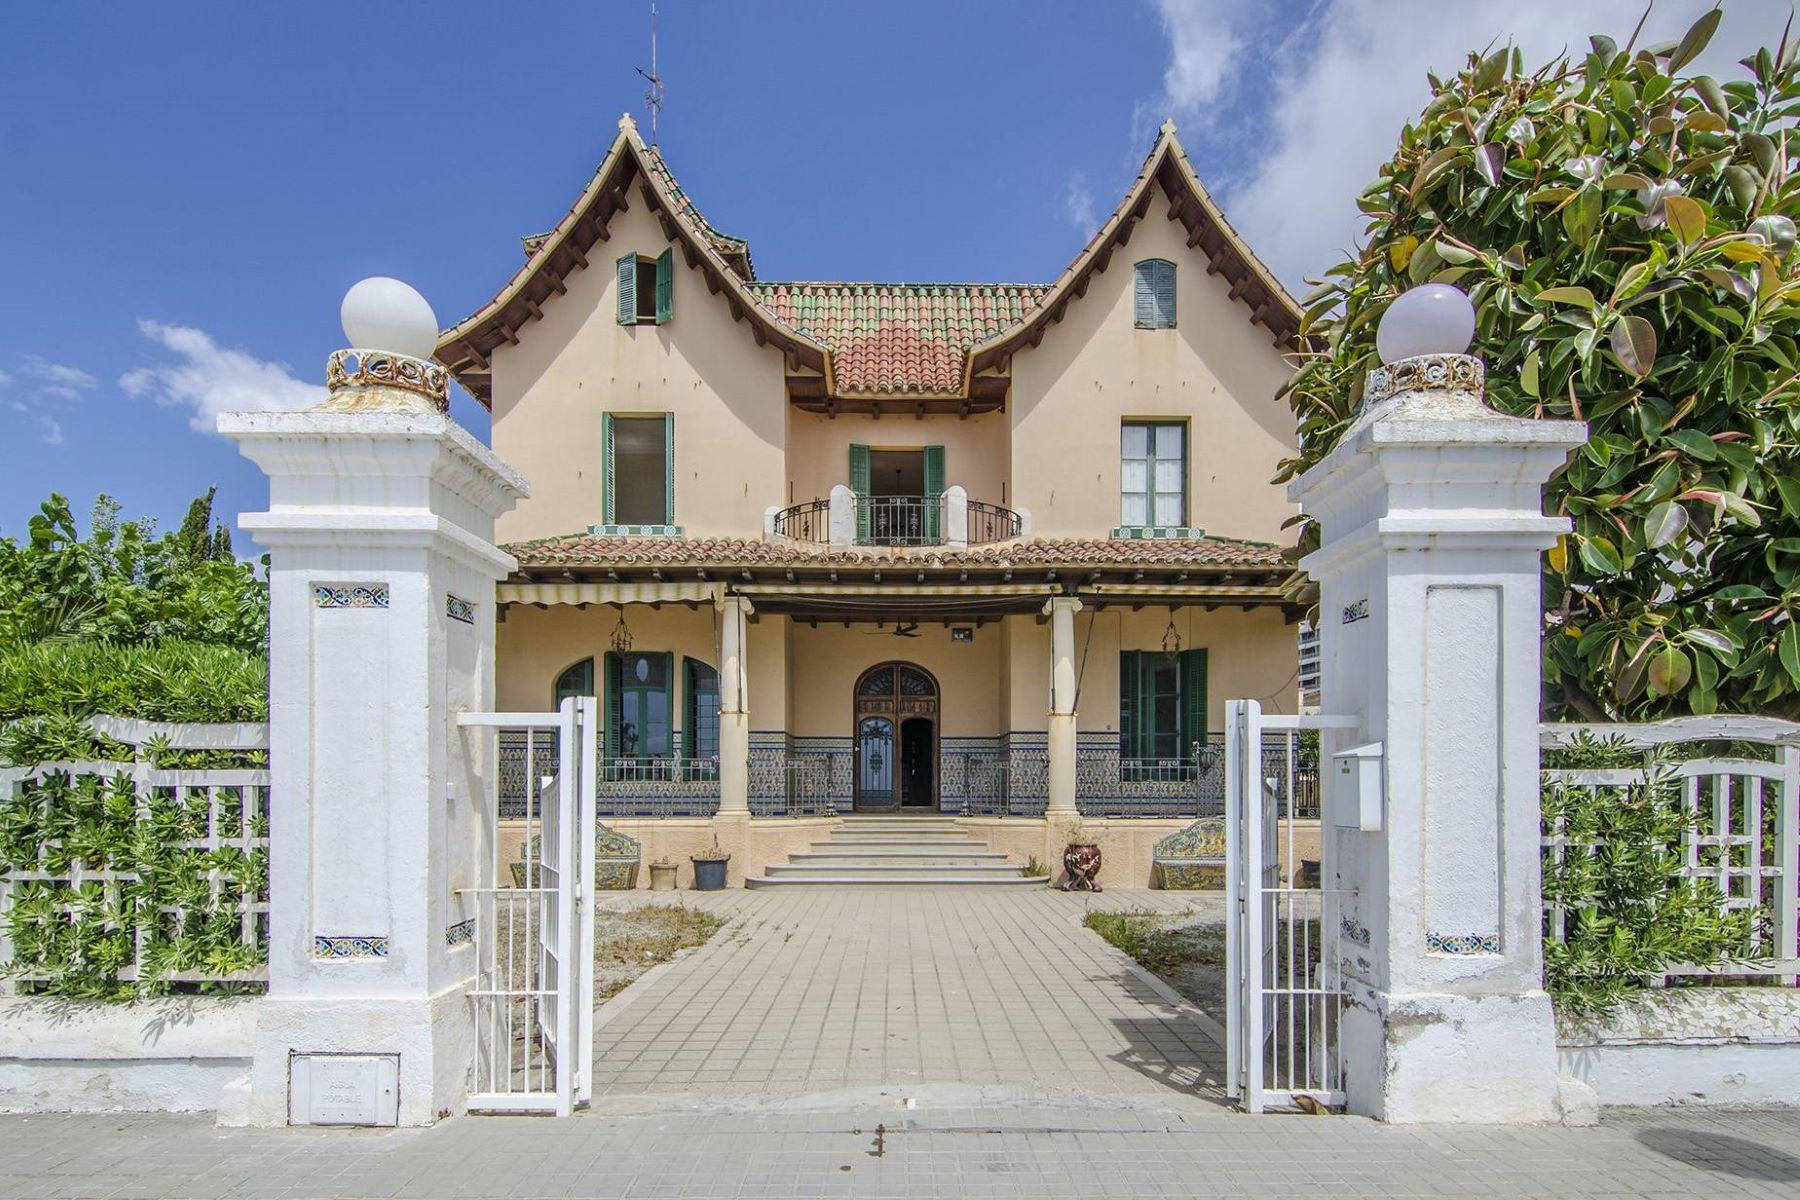 独户住宅 为 销售 在 Colonial Style Sea Front Home in Sant Vicenç de Montalt 桑坦德雷乌德利亚瓦内蕾雷斯, 巴塞罗那, 08392 西班牙